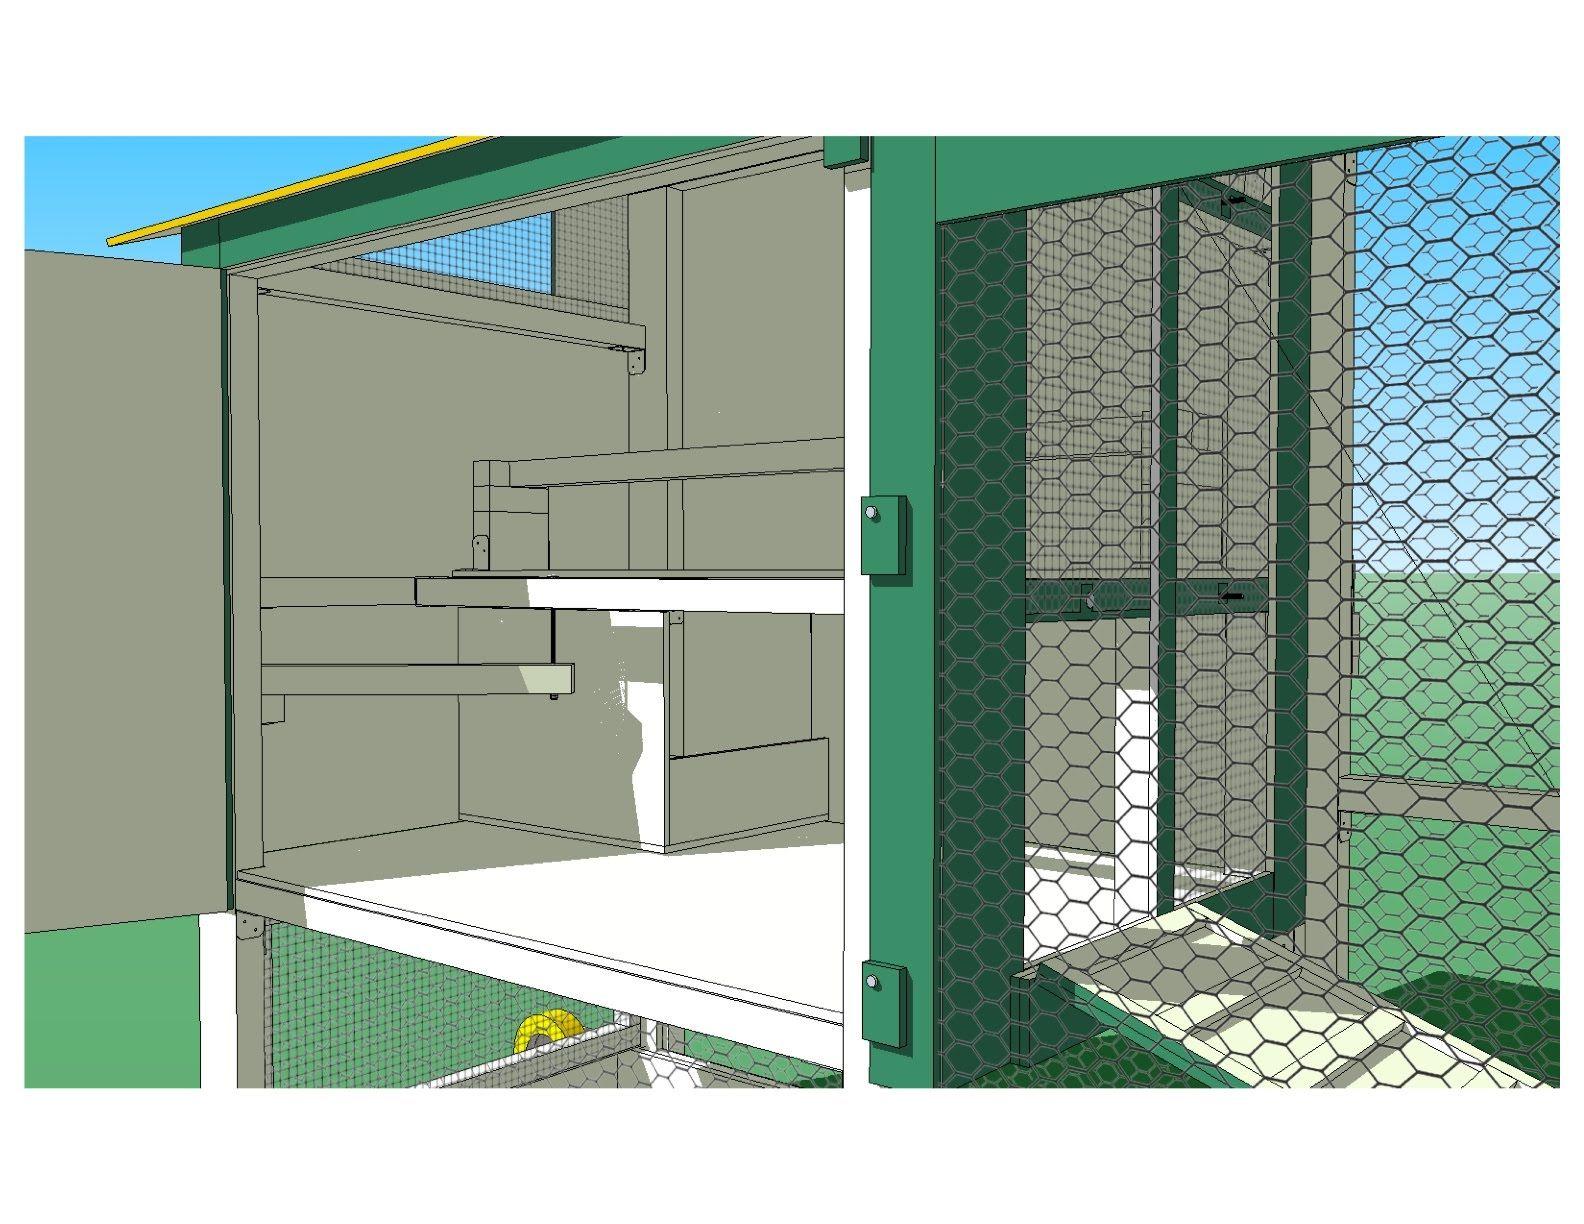 Chicken Coop House Plans Gallery Decor8rgirlcom